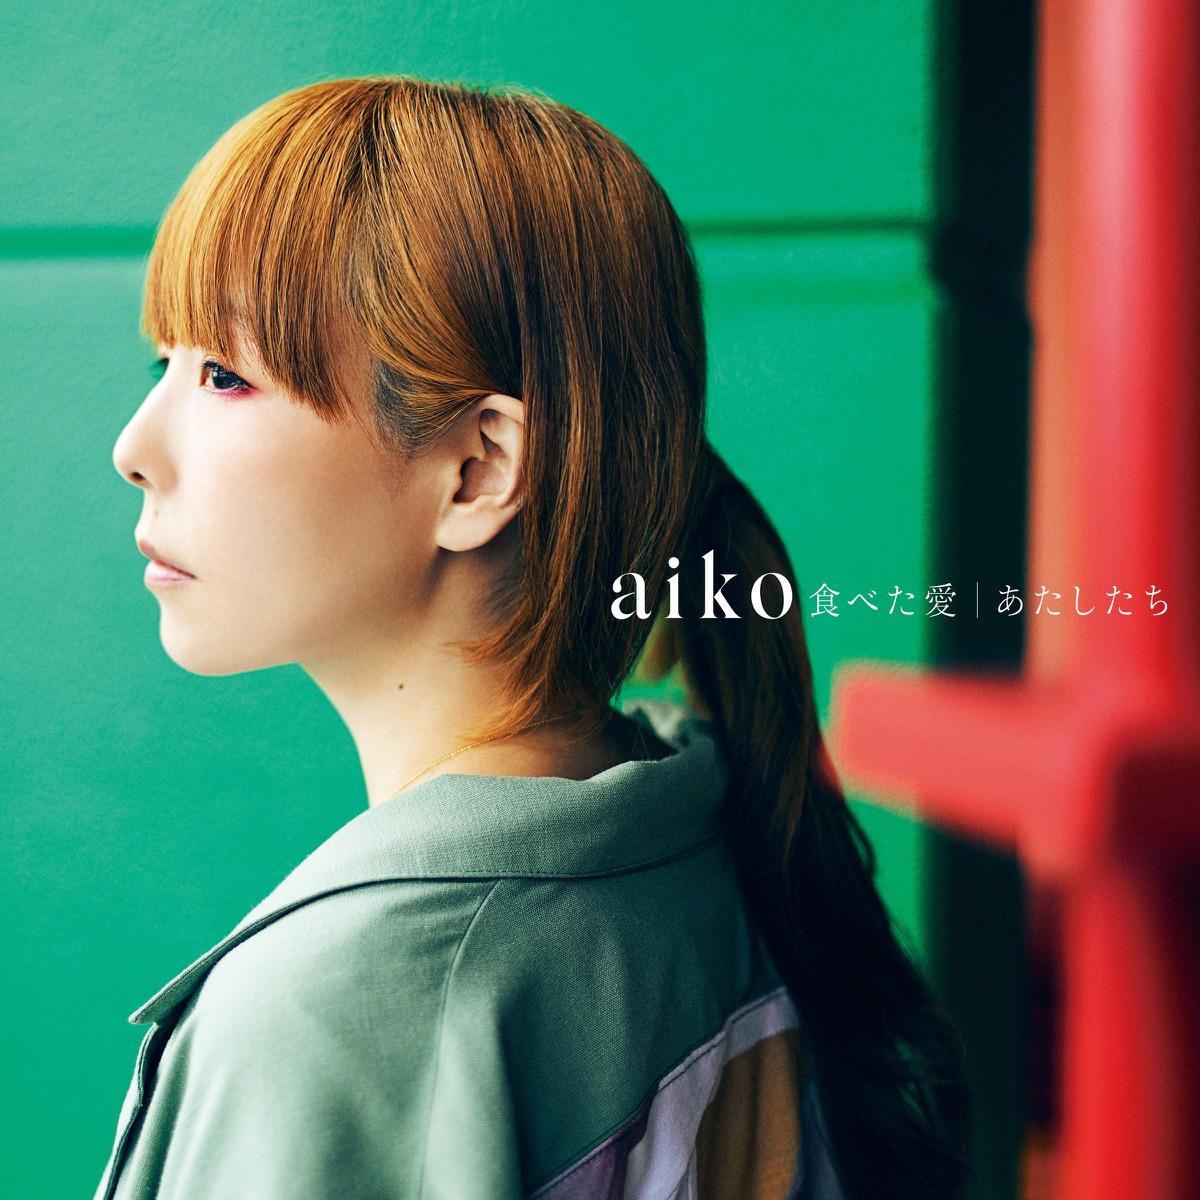 『aiko - あたしたち』収録の『食べた愛 / あたしたち』ジャケット